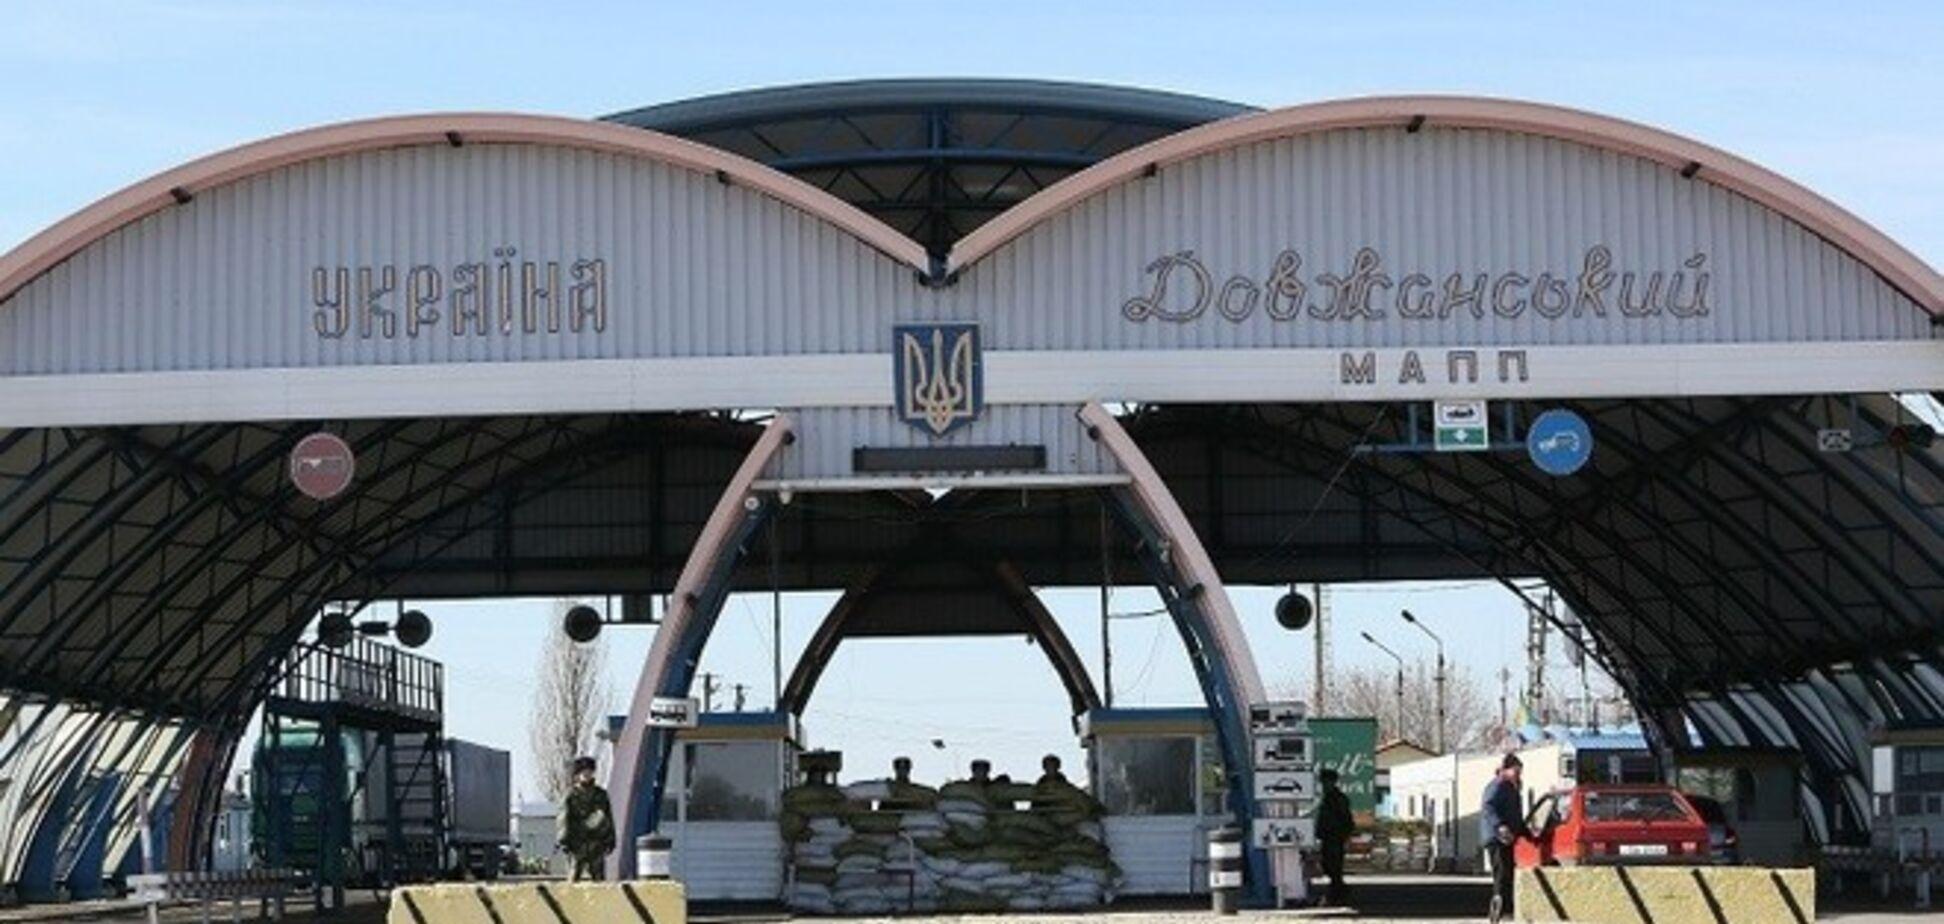 Террористы самовольничают в пункте пропуска 'Довжанский', им помогают пограничники РФ - Тымчук